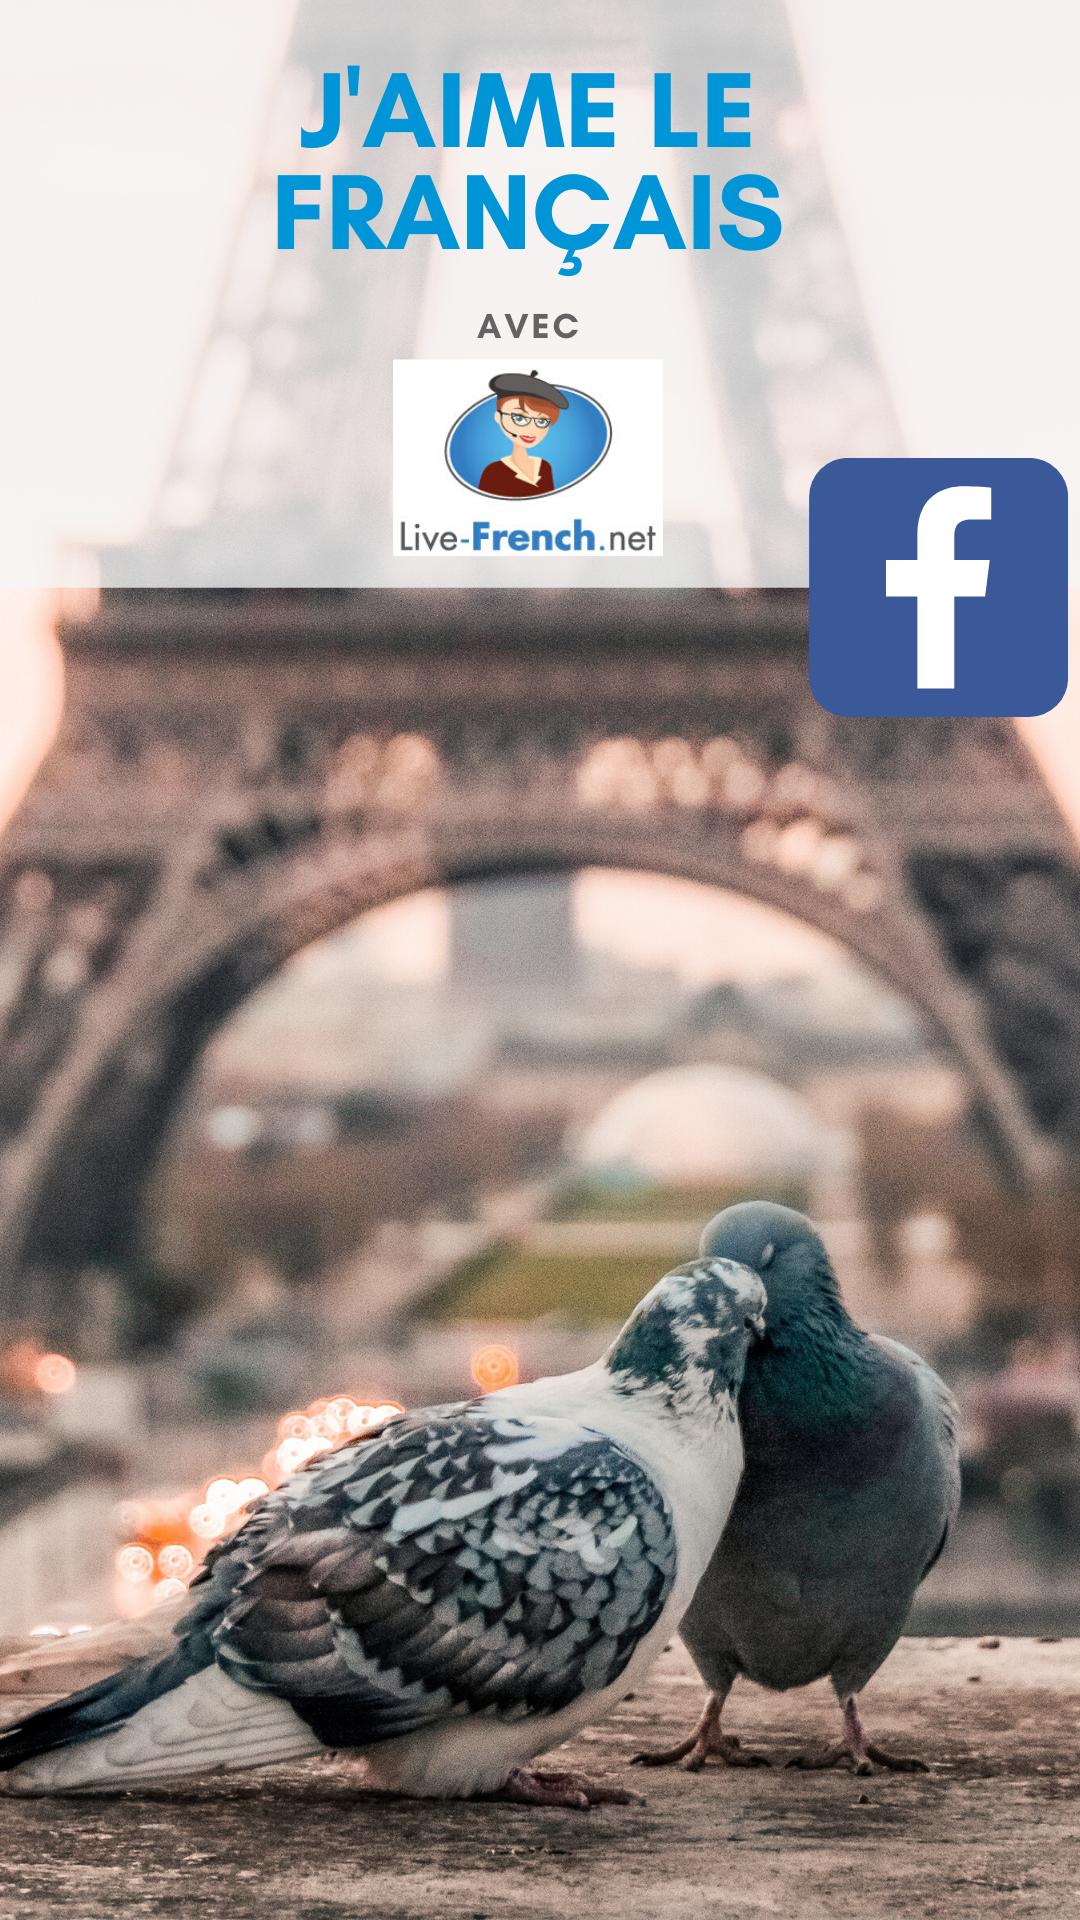 J'aime le français avec Live-French.net (Groupe Facebook)